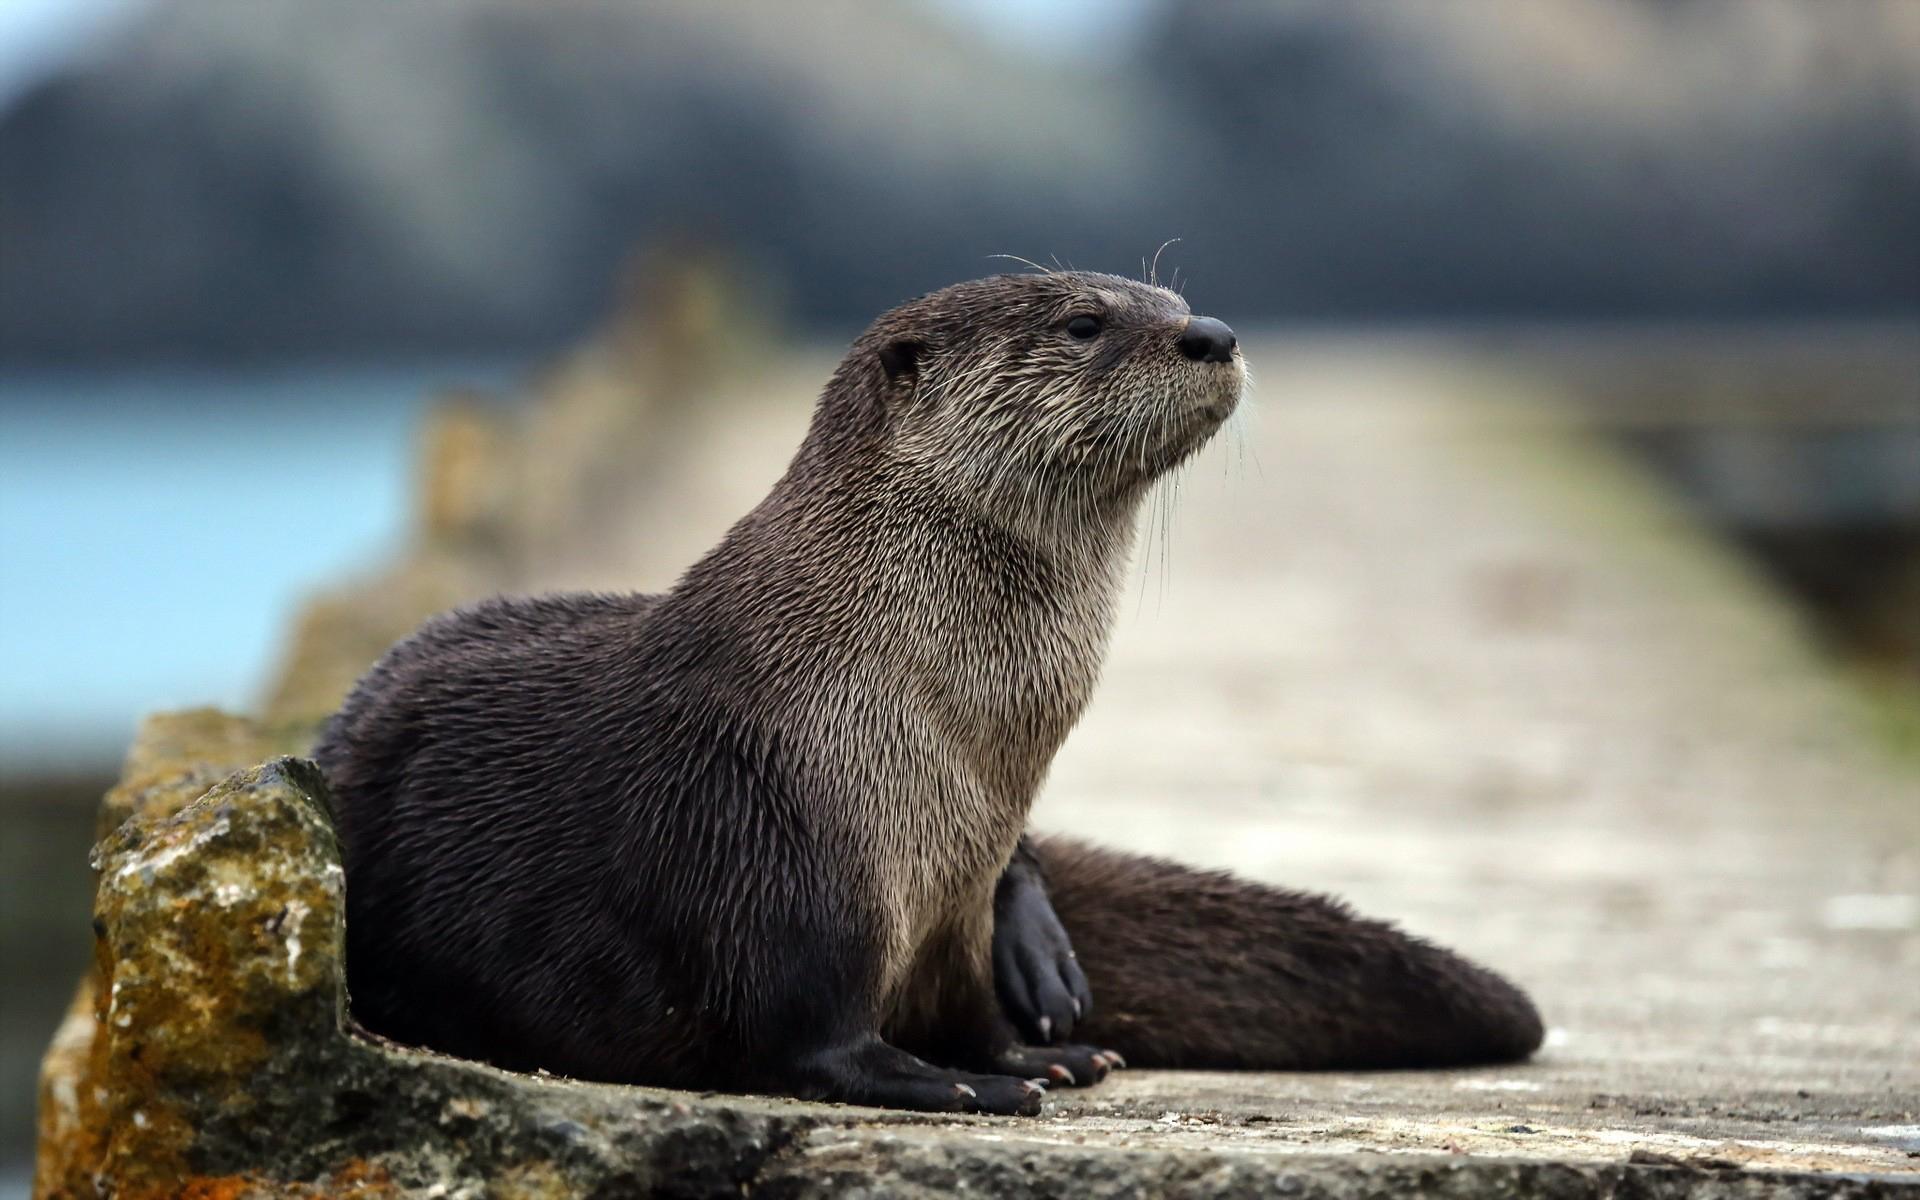 Otter Wallpaper · Otter Wallpaper 21